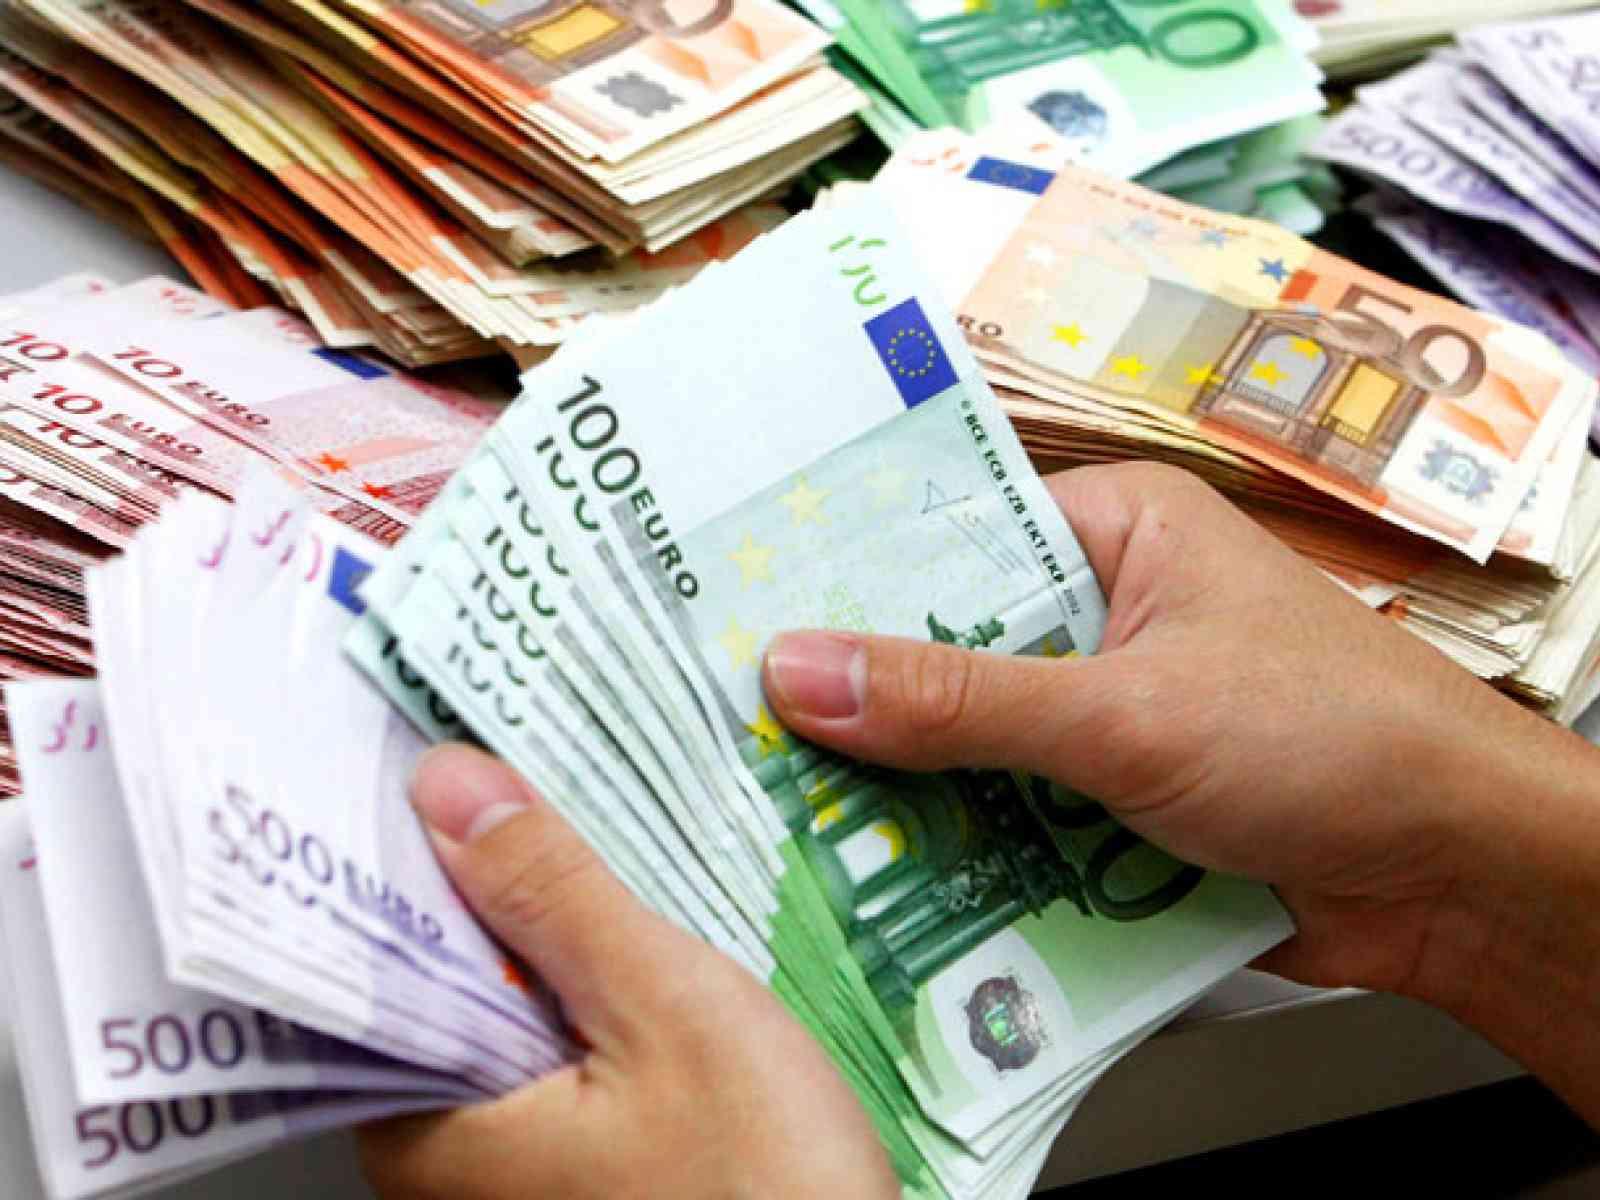 Immagine articolo: Poggioreale, transazione tra il Comune e una ditta per oltre 50 Mila Euro. Raggiunto l'accordo